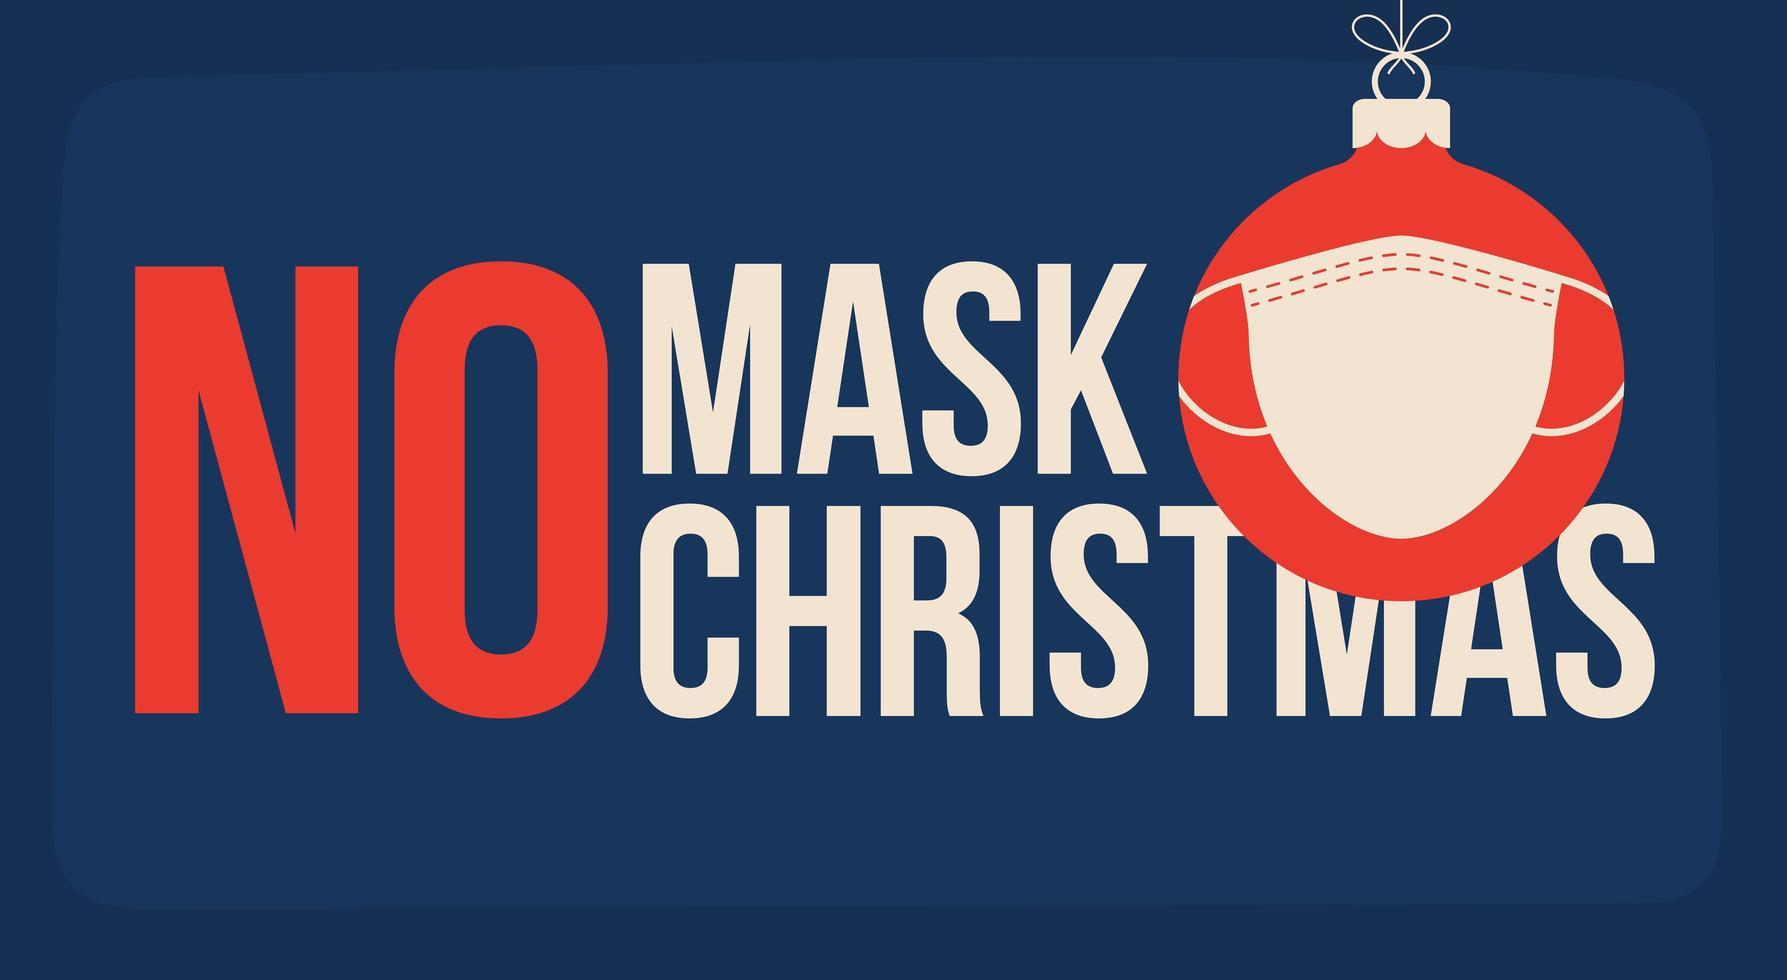 pas de masque pas d'affiche de noël avec ornement masqué vecteur